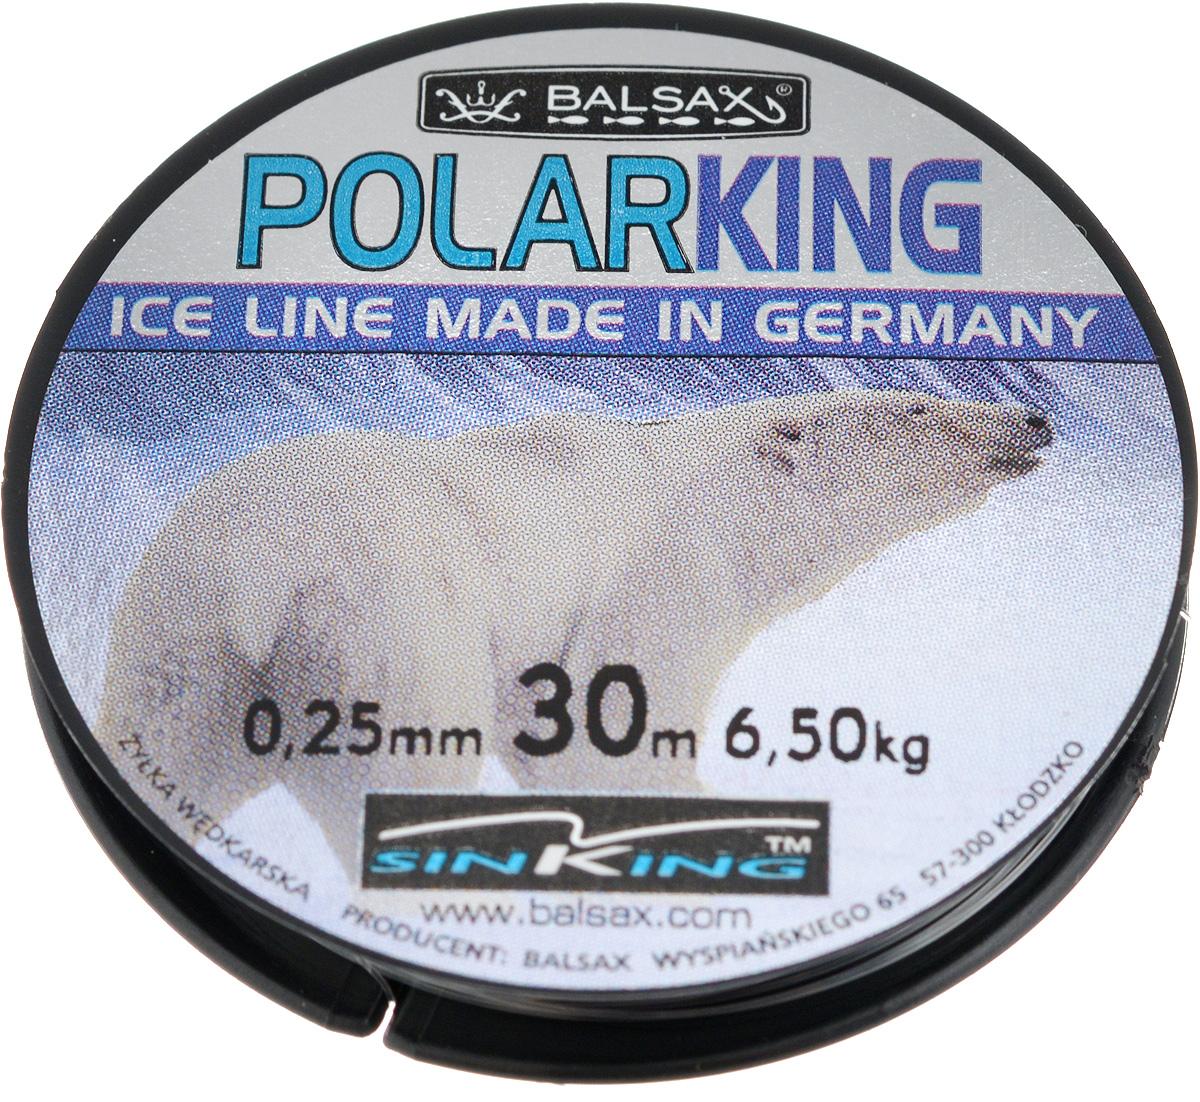 Леска зимняя Balsax Polar King, 30 м, 0,25 мм, 6,5 кг310-13025Леска Balsax Polar King изготовлена из 100% нейлона и очень хорошо выдерживаетнизкие температуры. Даже в самом холодном климате, при температуре вплотьдо -40°C, она сохраняет свои свойствапрактически без изменений, в то время как традиционные лески становятся менееэластичными и теряют прочность. Поверхность лески обработана таким образом, что она не обмерзает и отличноподходит для подледного лова. Прочна вместах вязки узлов даже при минимальном диаметре.